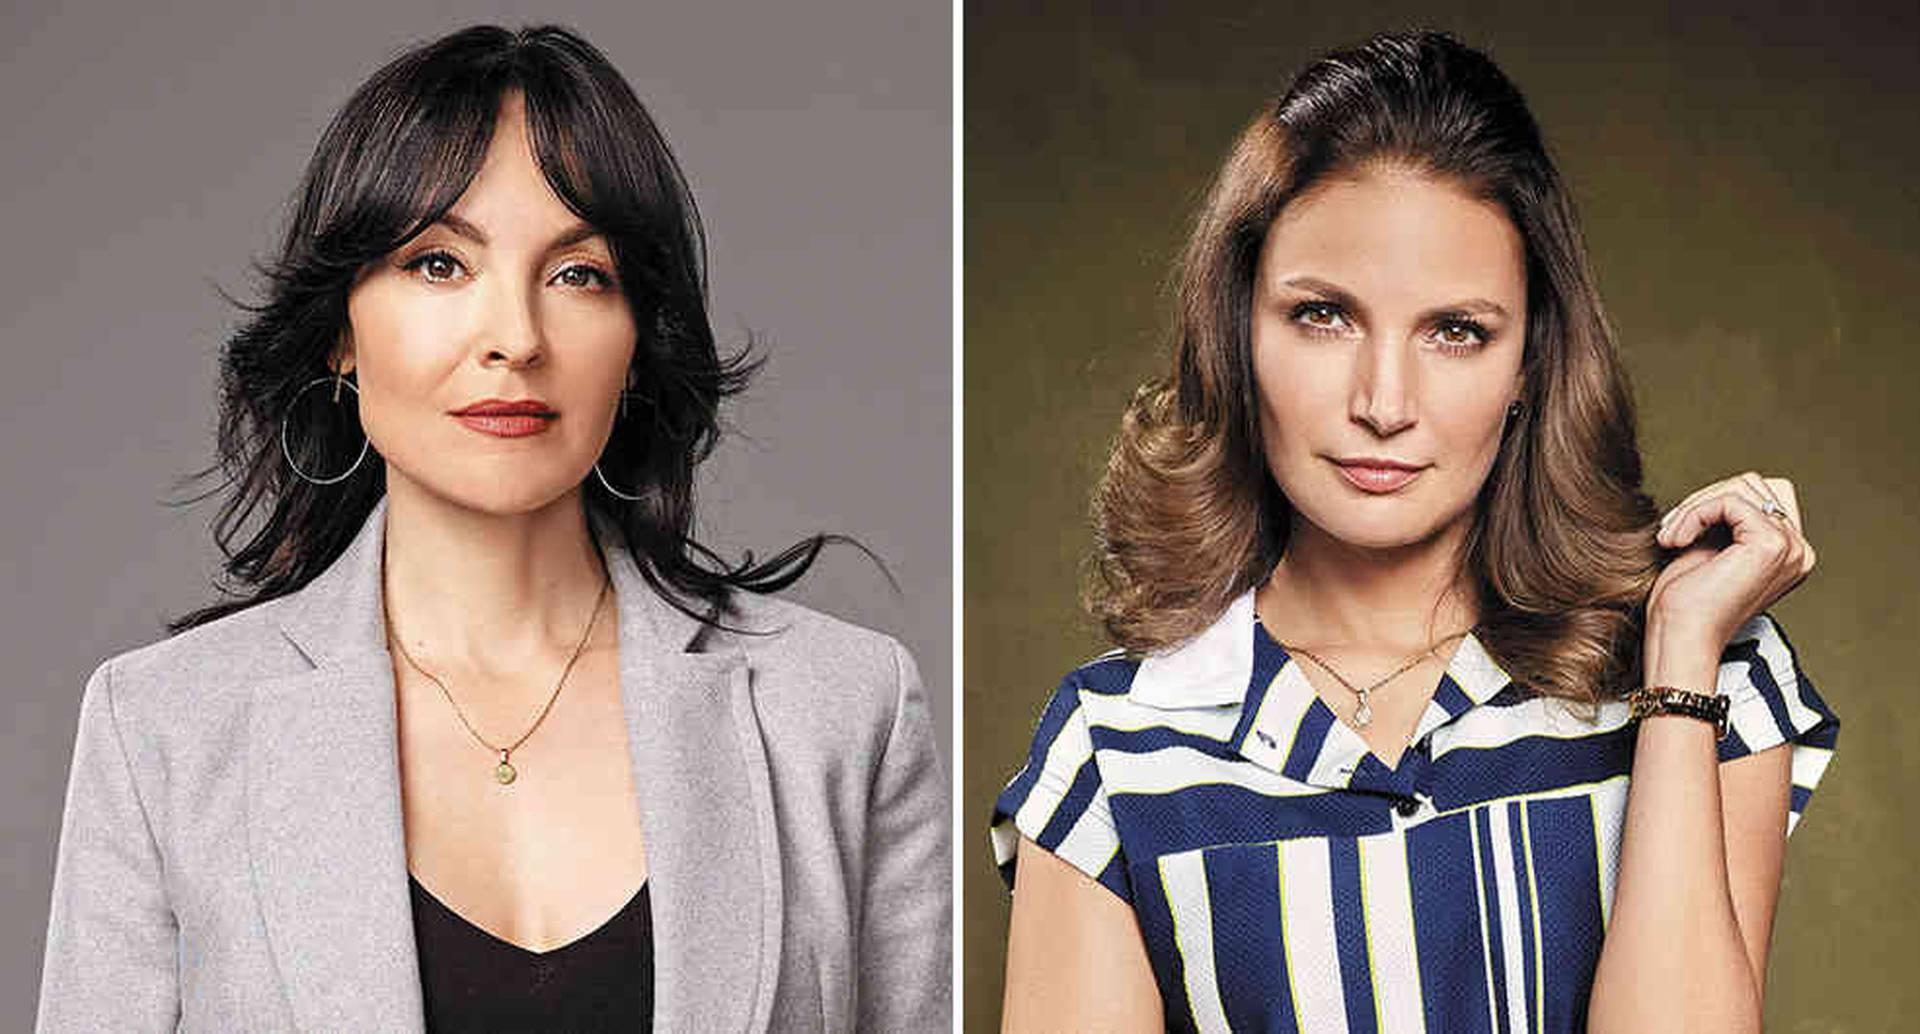 Carolina Gómez y Juliana Galvis conquistaron la televisión con La venganza de Analía y El general Naranjo